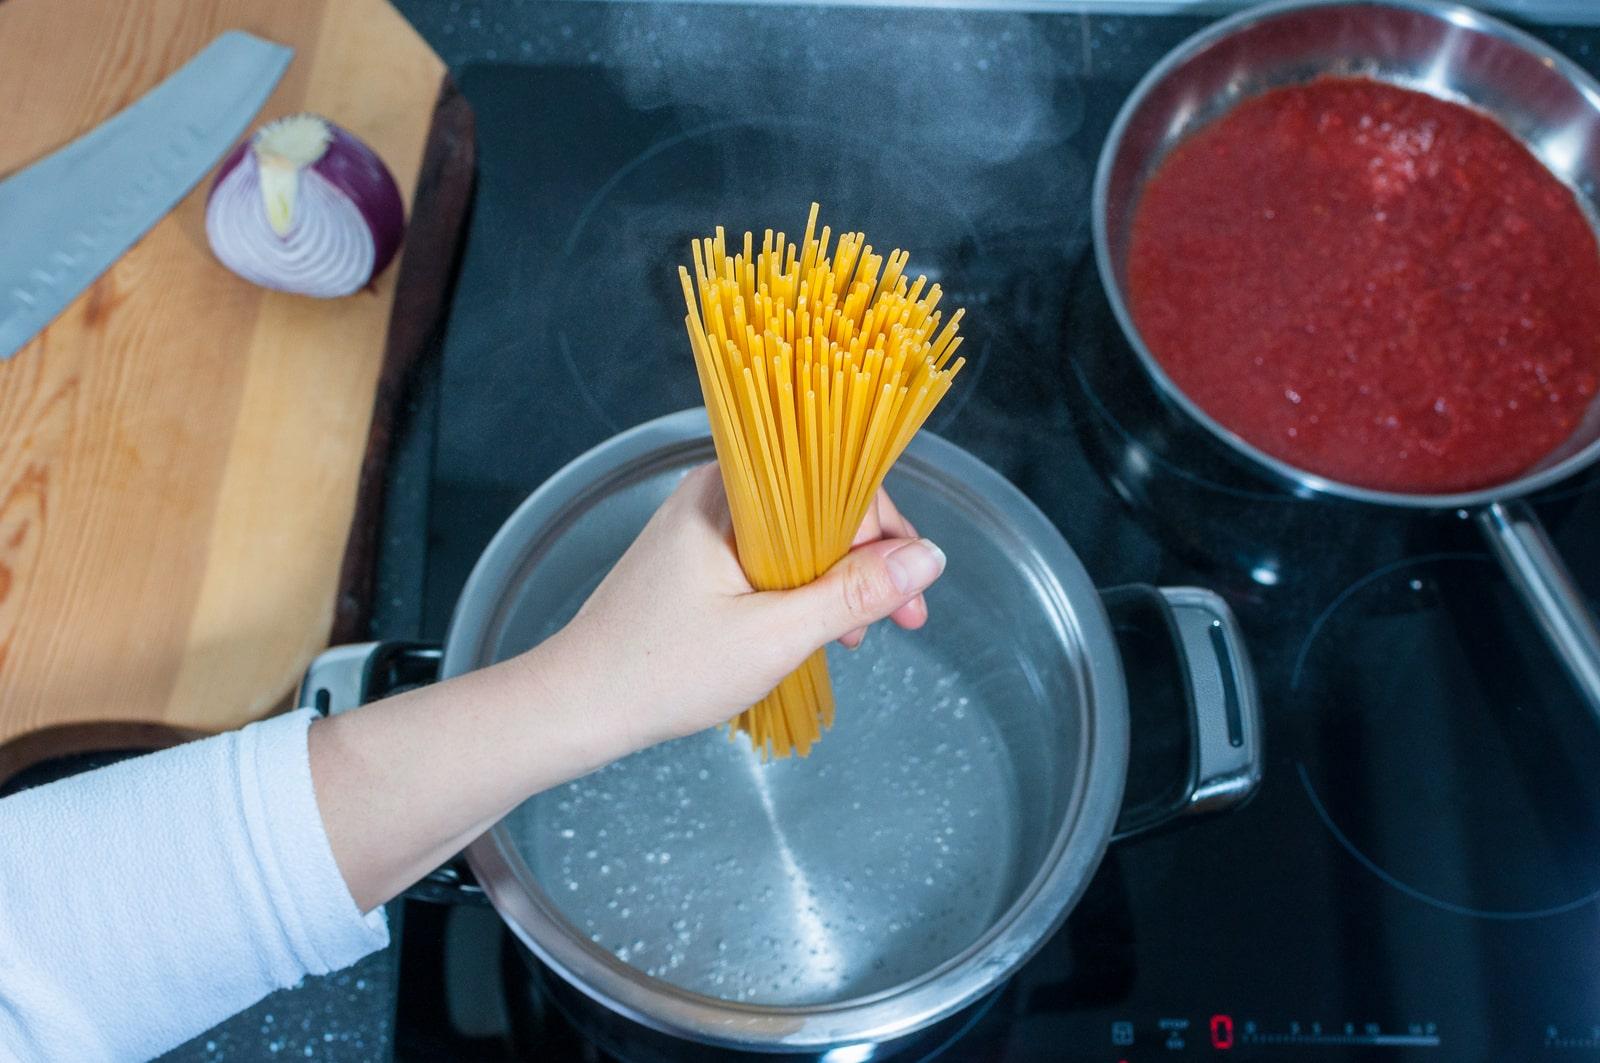 Produkty Zwieger - must have dla wszystkich miłośników gotowania 1